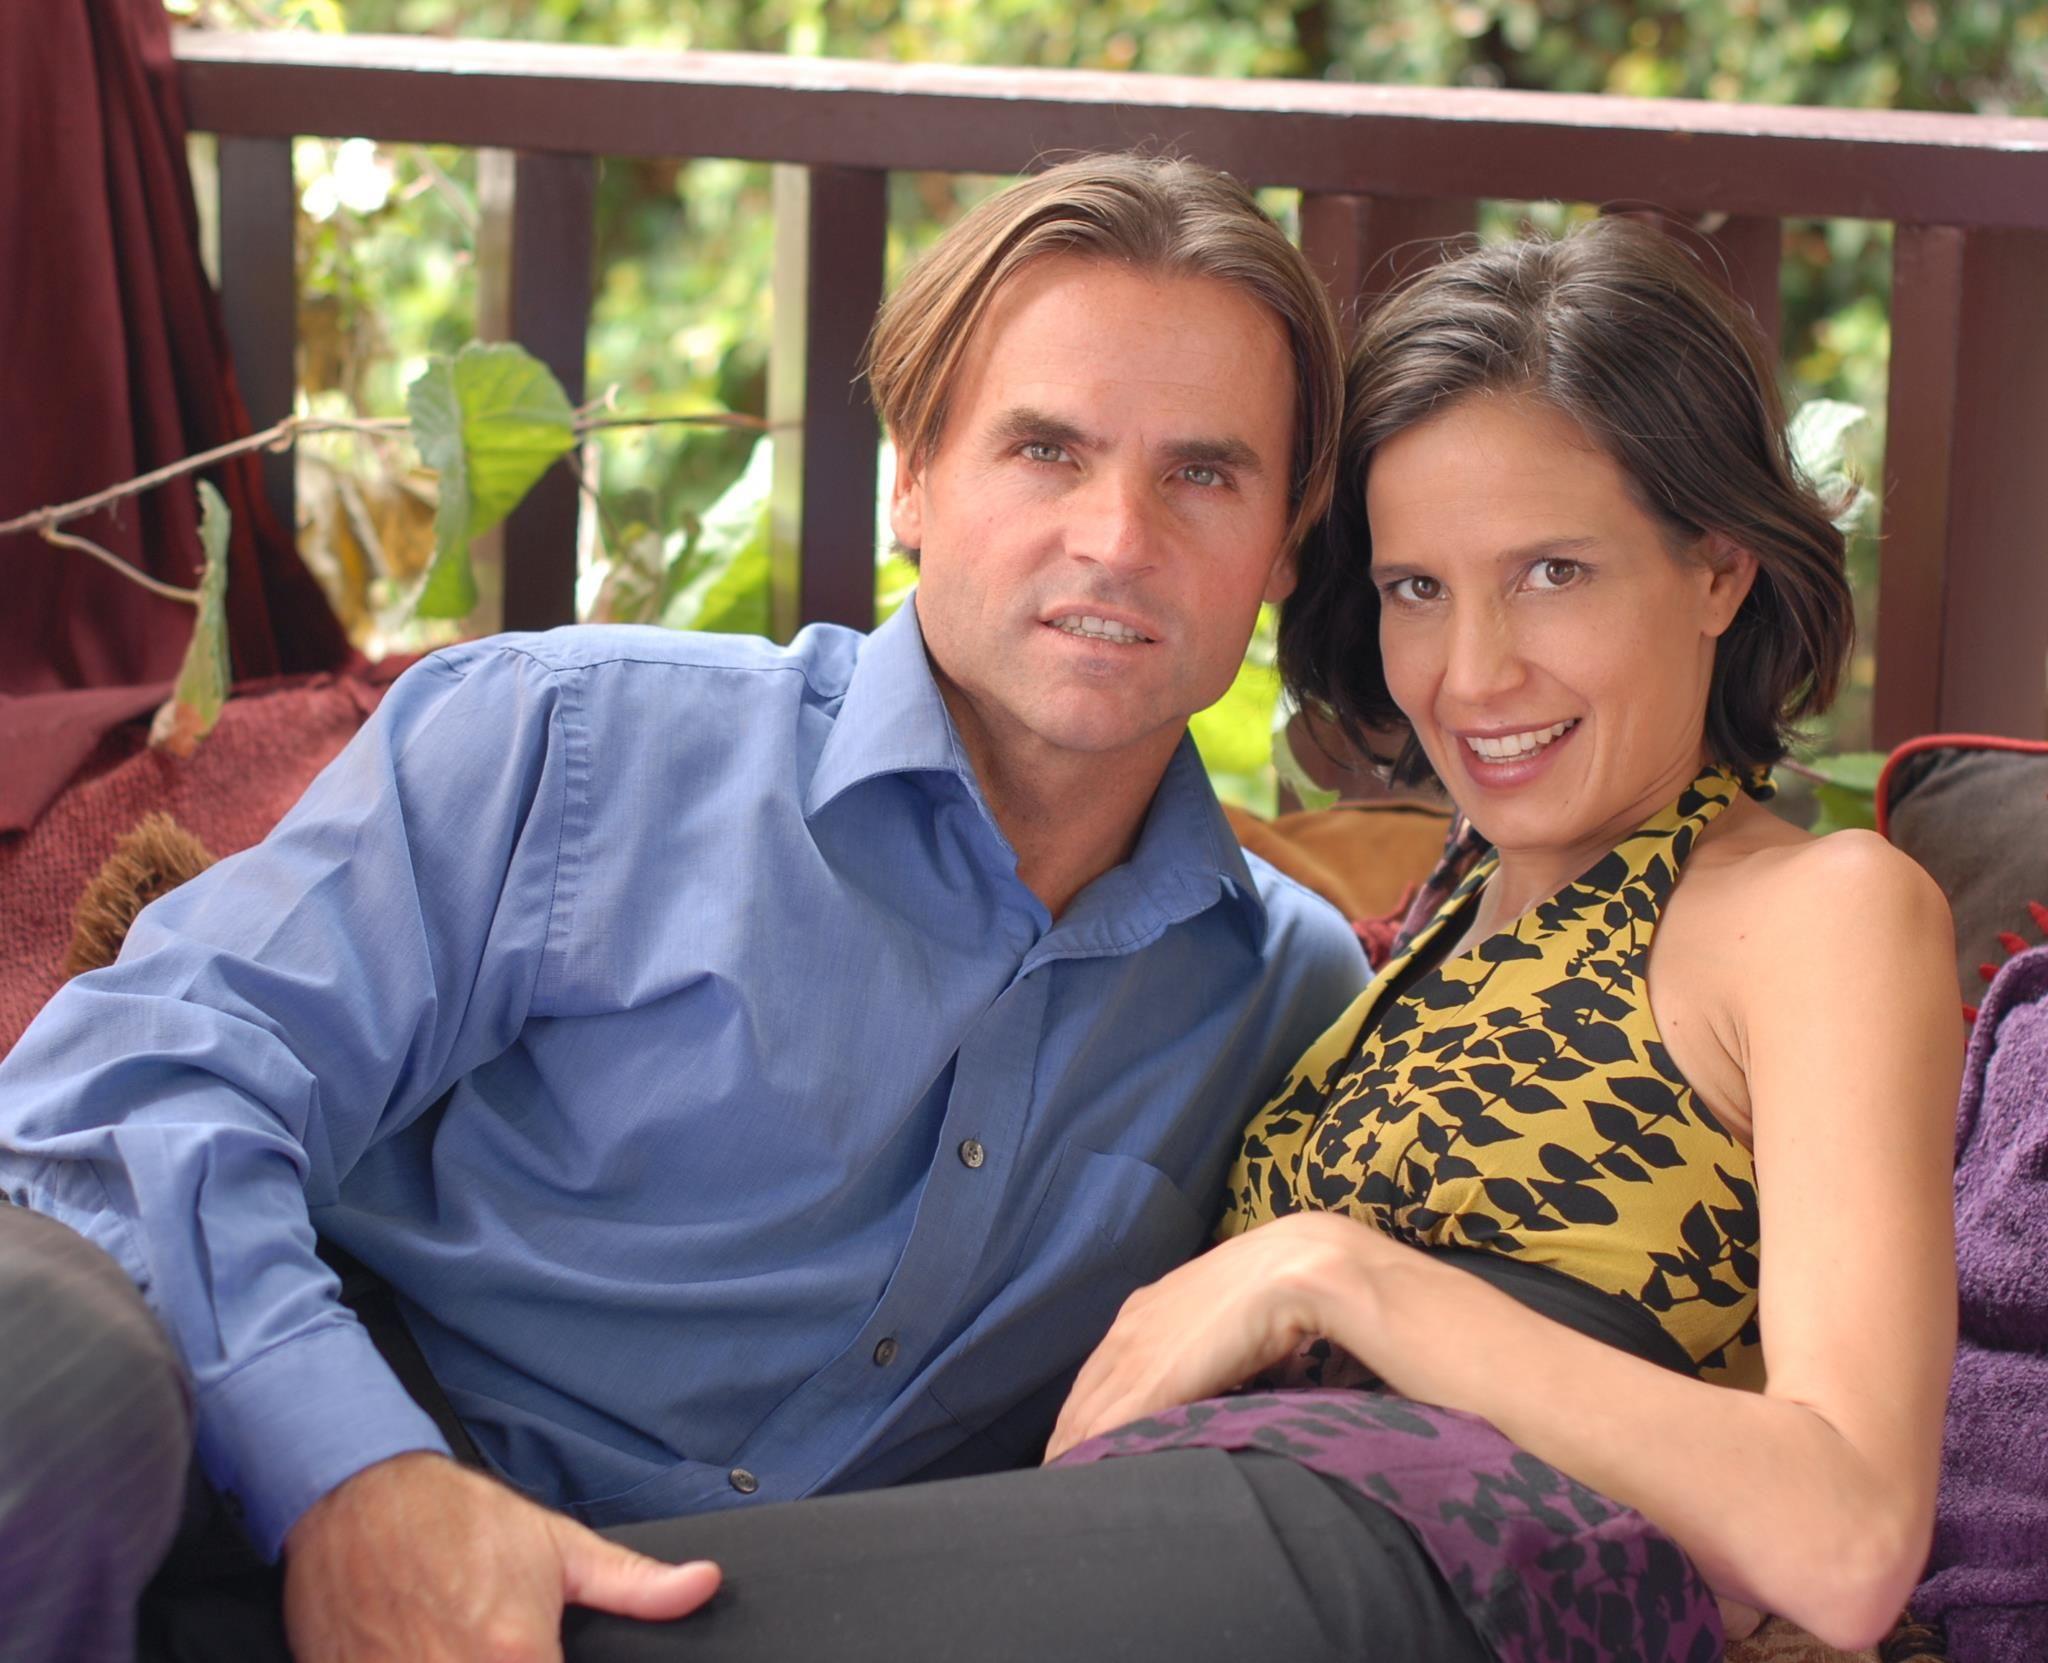 kamala and michael polyamory update